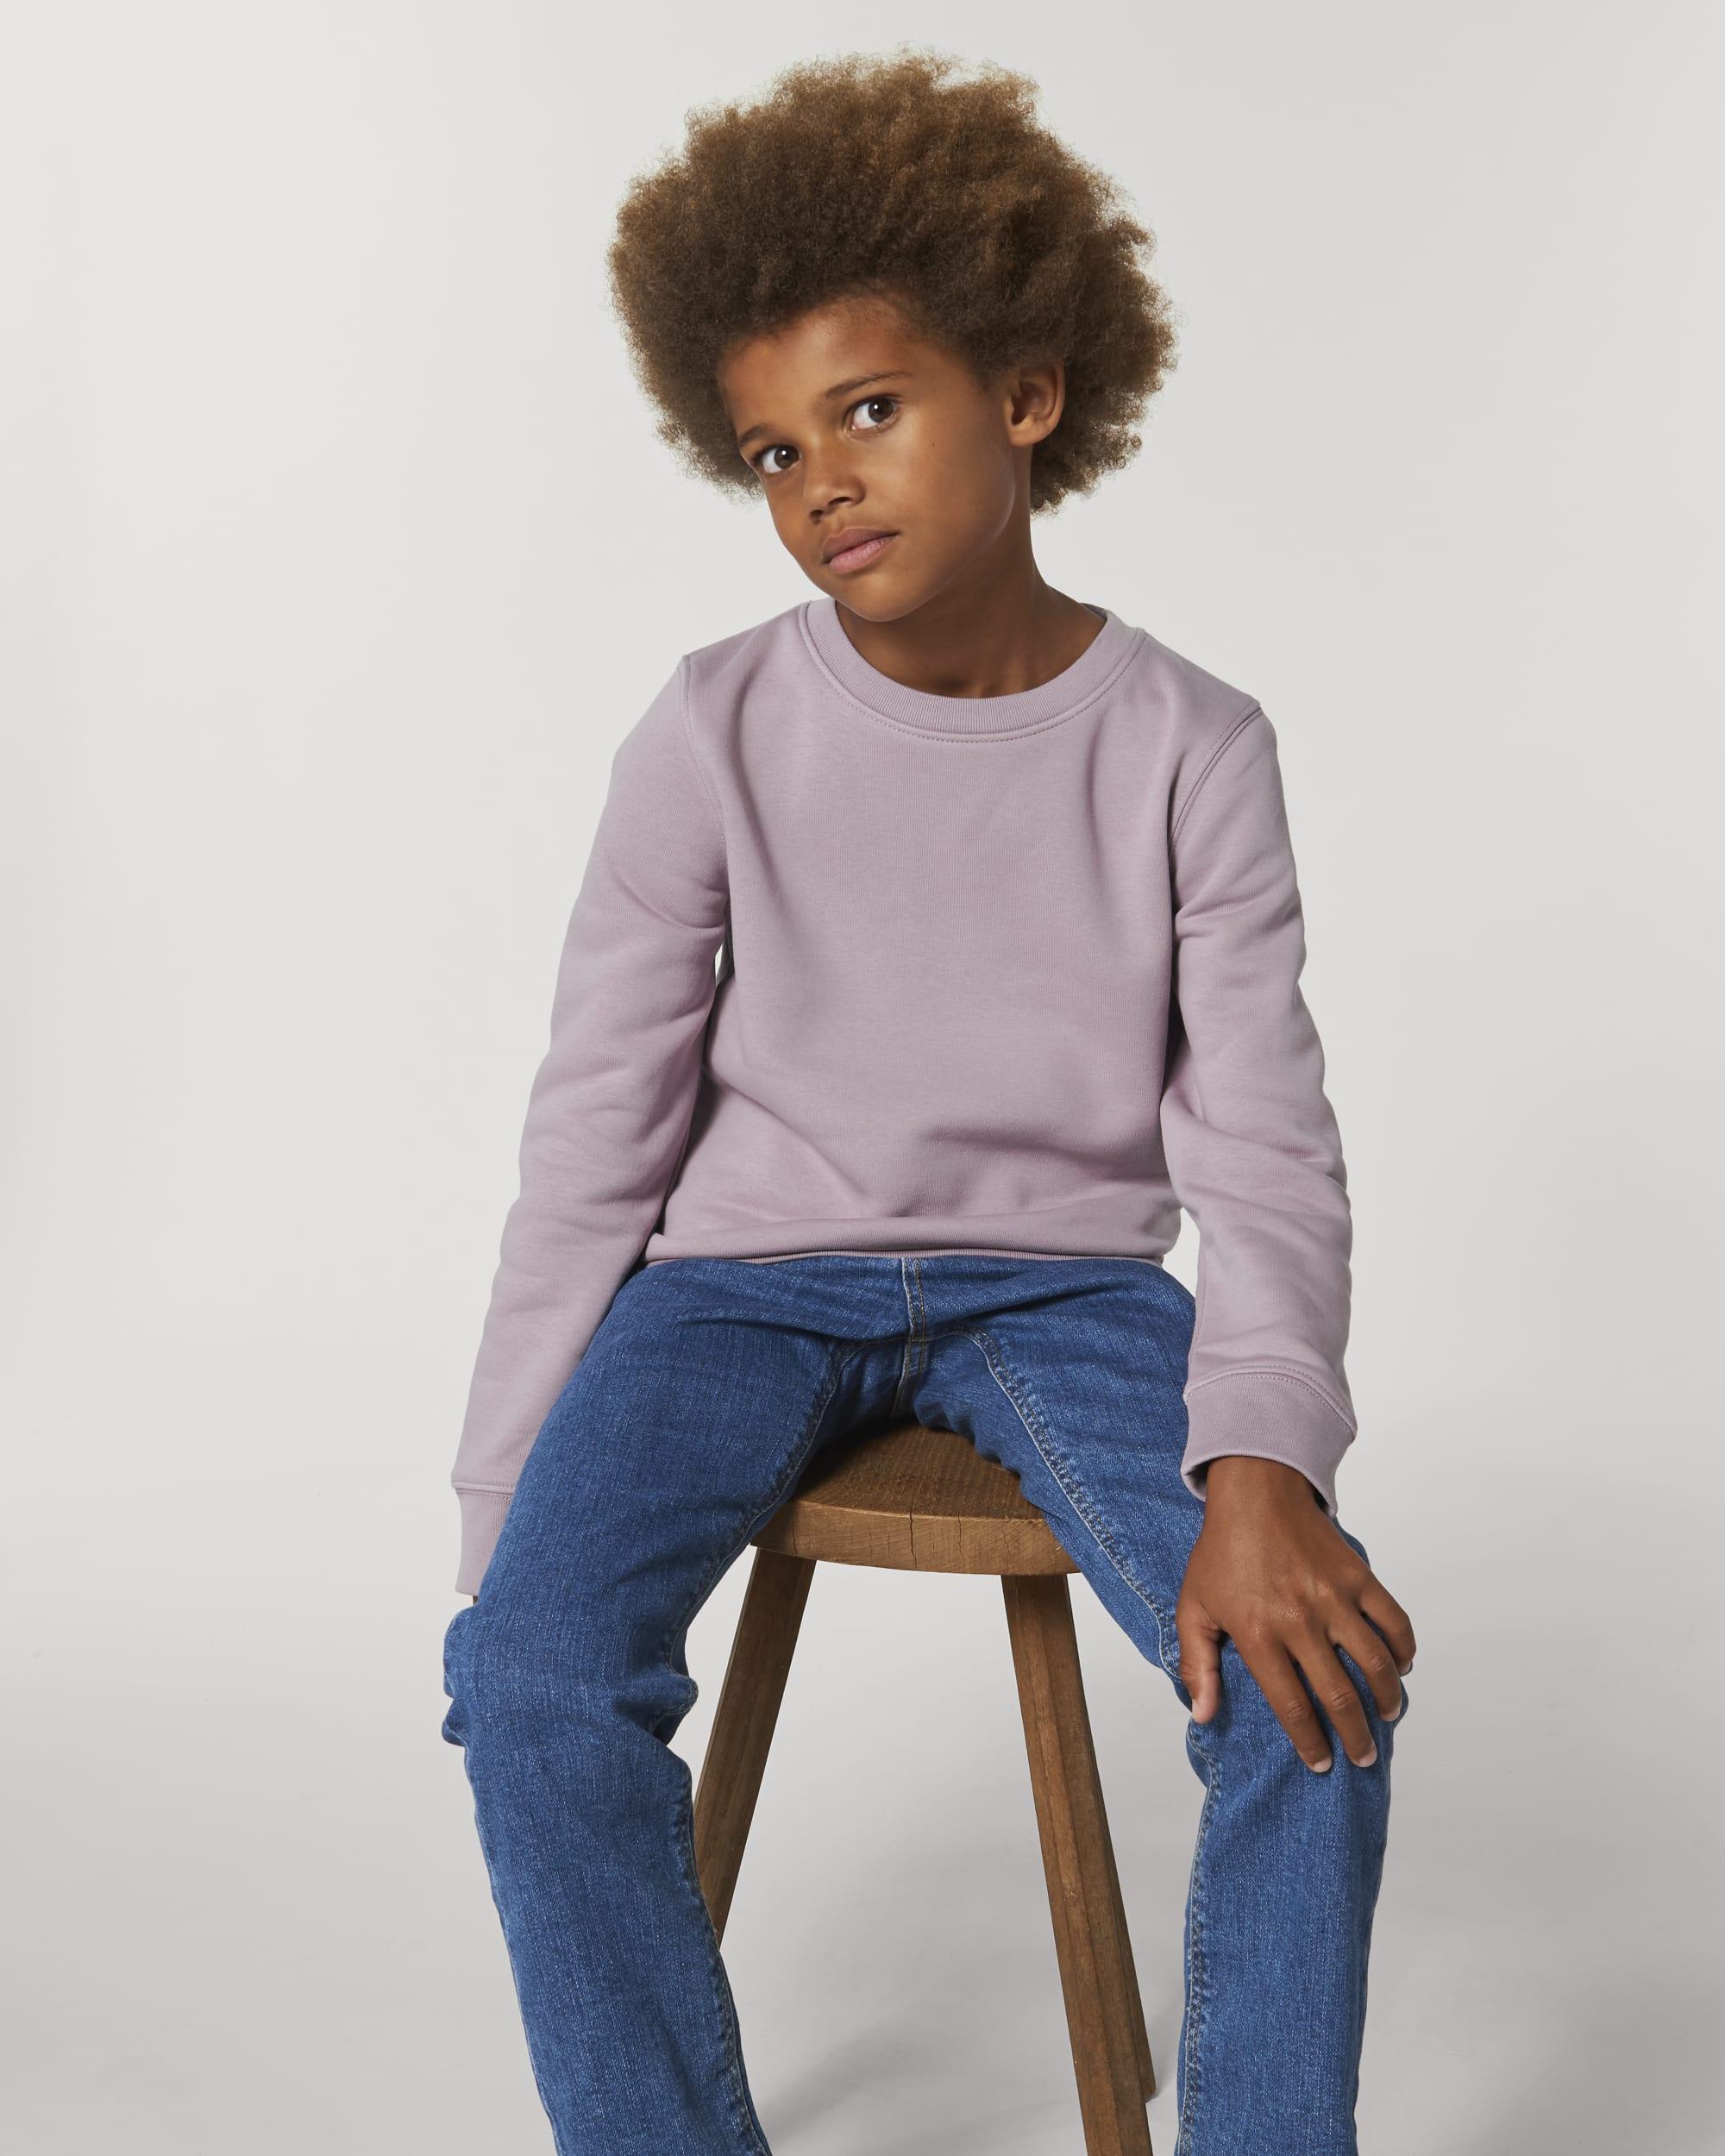 Iconic Kids Rundhals-Sweatshirt MINI CHANGER STSK913 Stanley/Stella